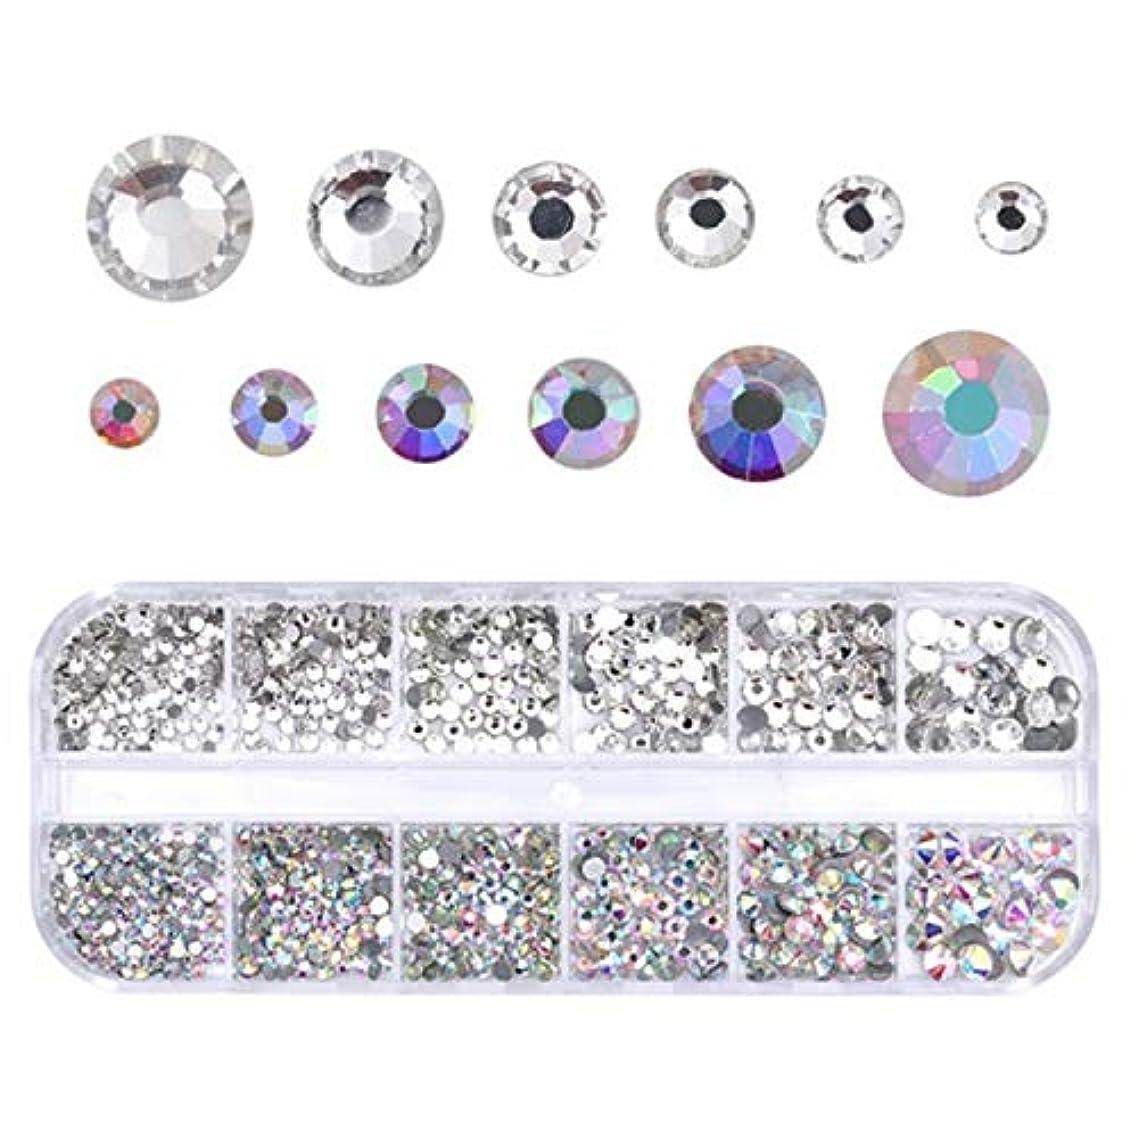 帝国増幅するへこみMigavann 12-Grids ネイルアートラインストーン ネイルクリスタルフラットバックラインストーンクリアガラスチャーム宝石ストーンダイヤモンド